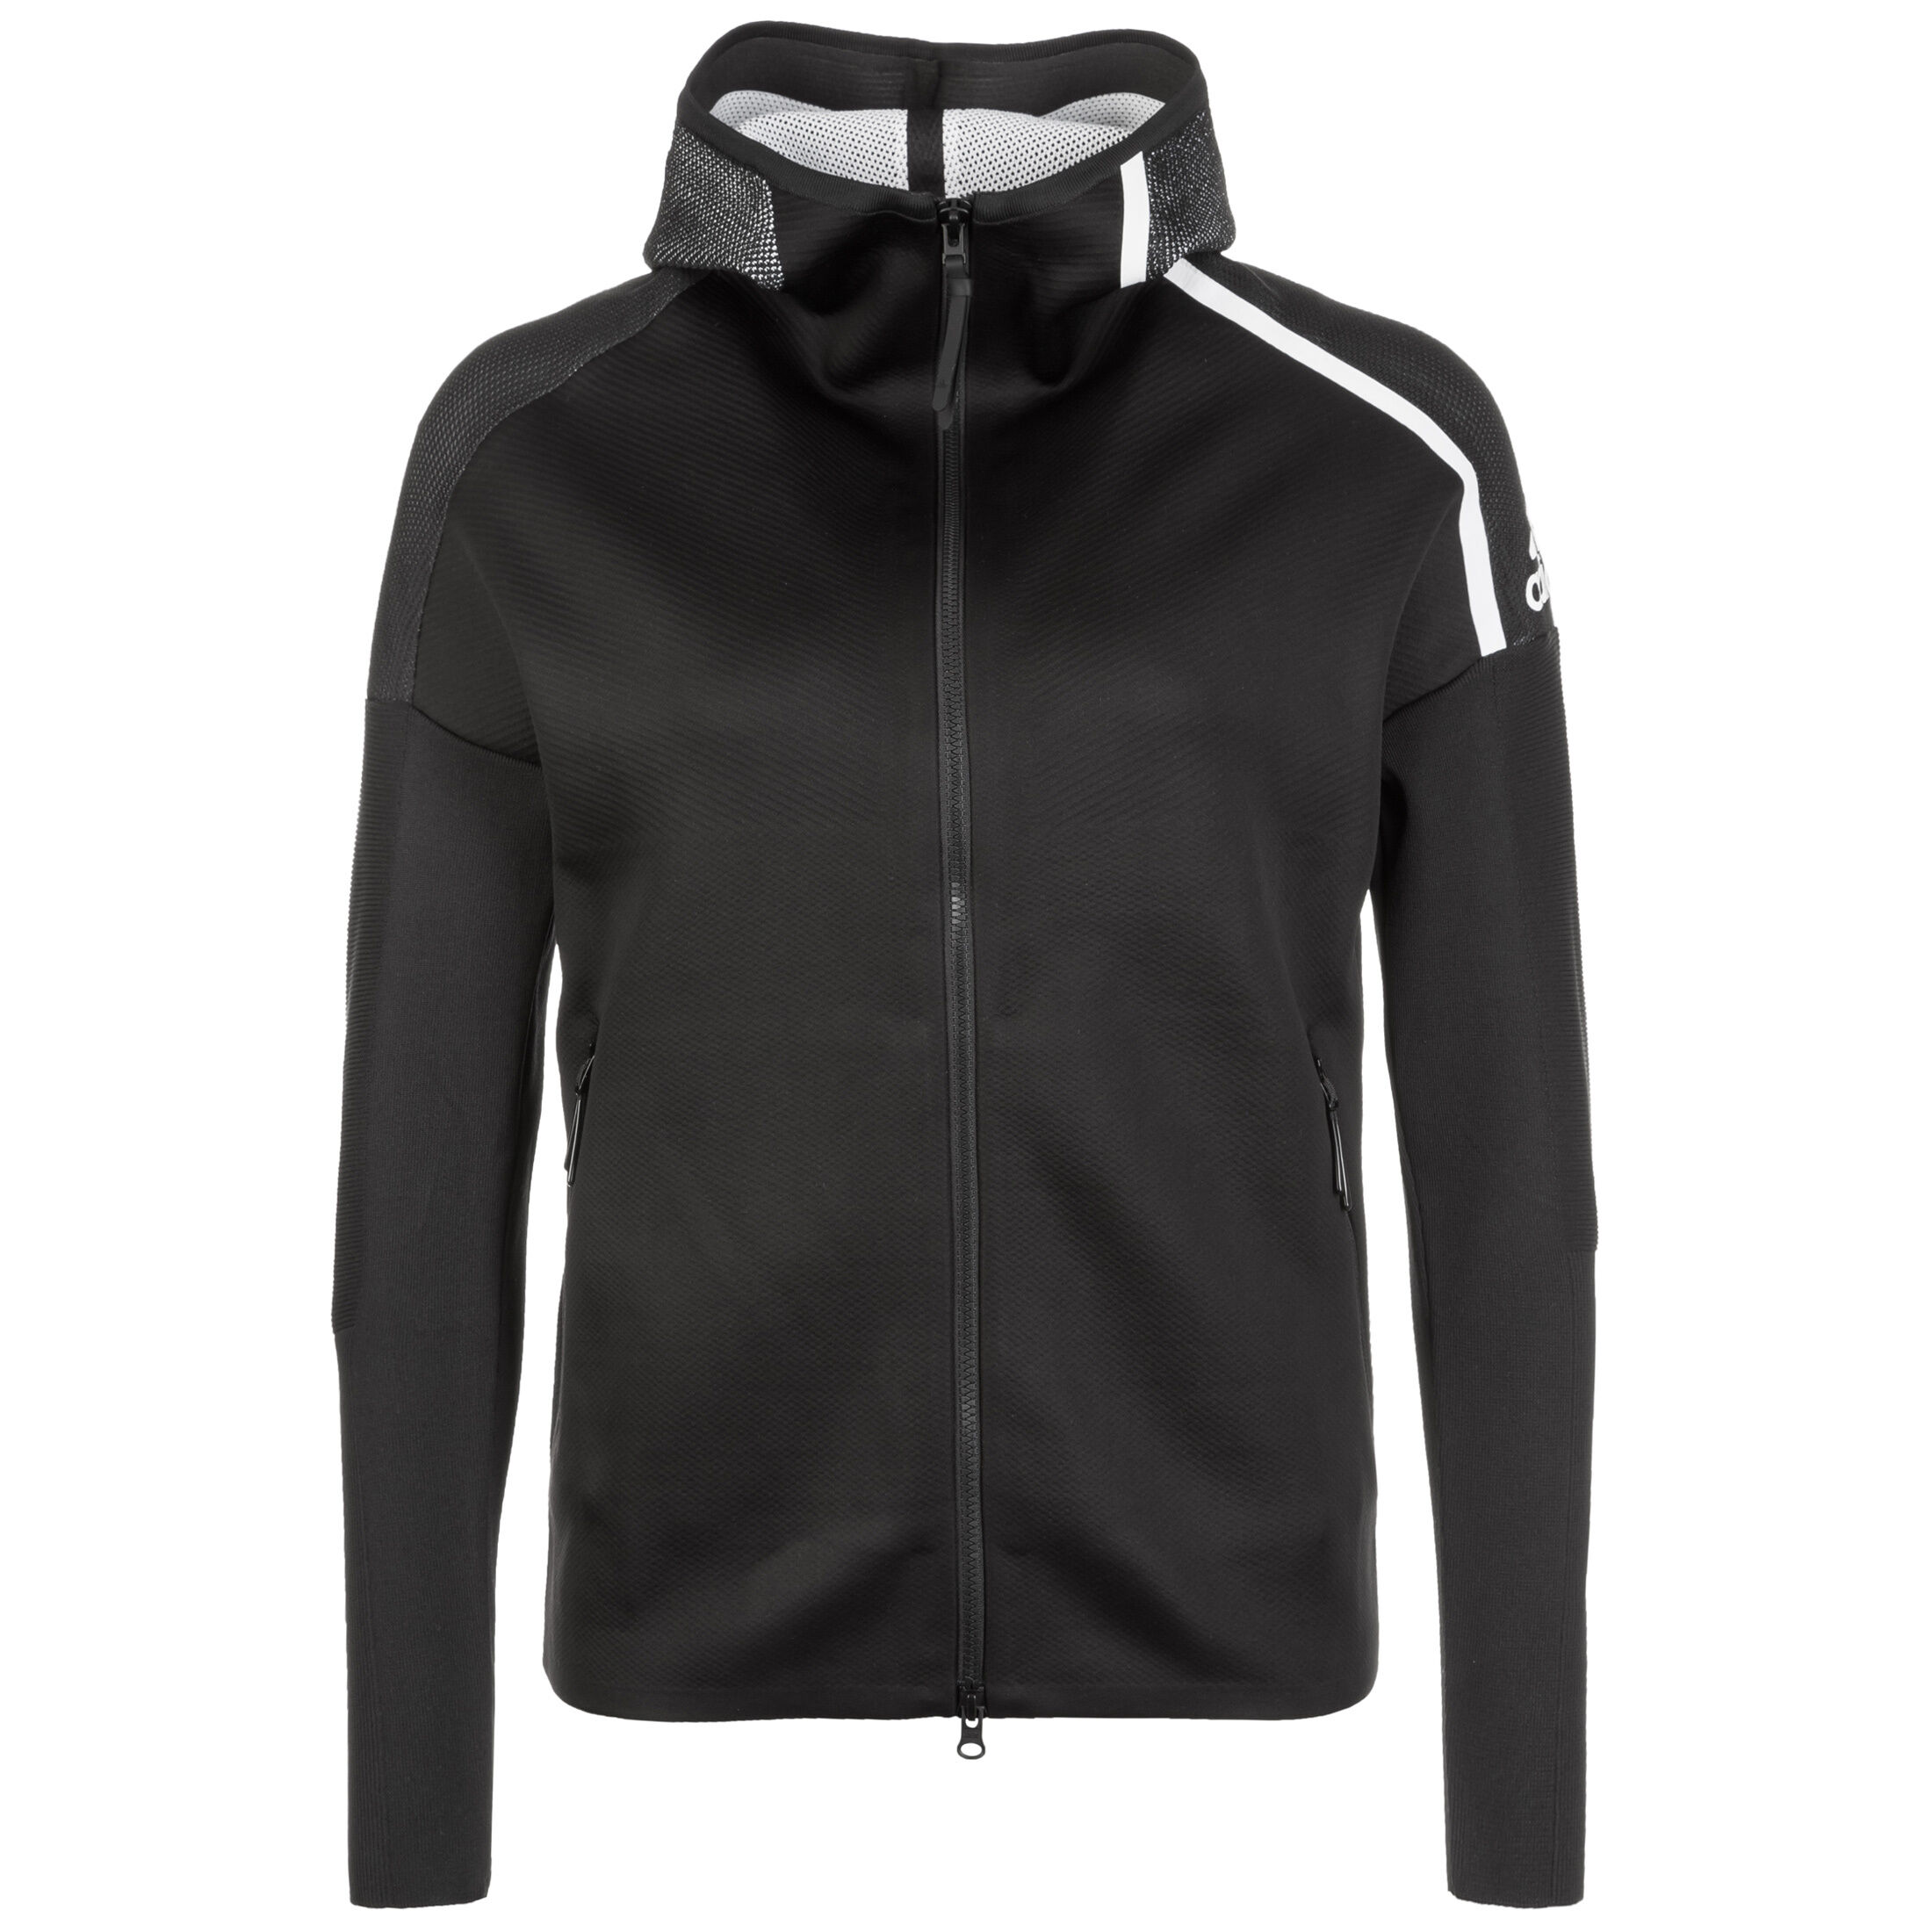 Adidas Kapuzenjacke Z.N.E. Primeknit schwarzweiß kaufen